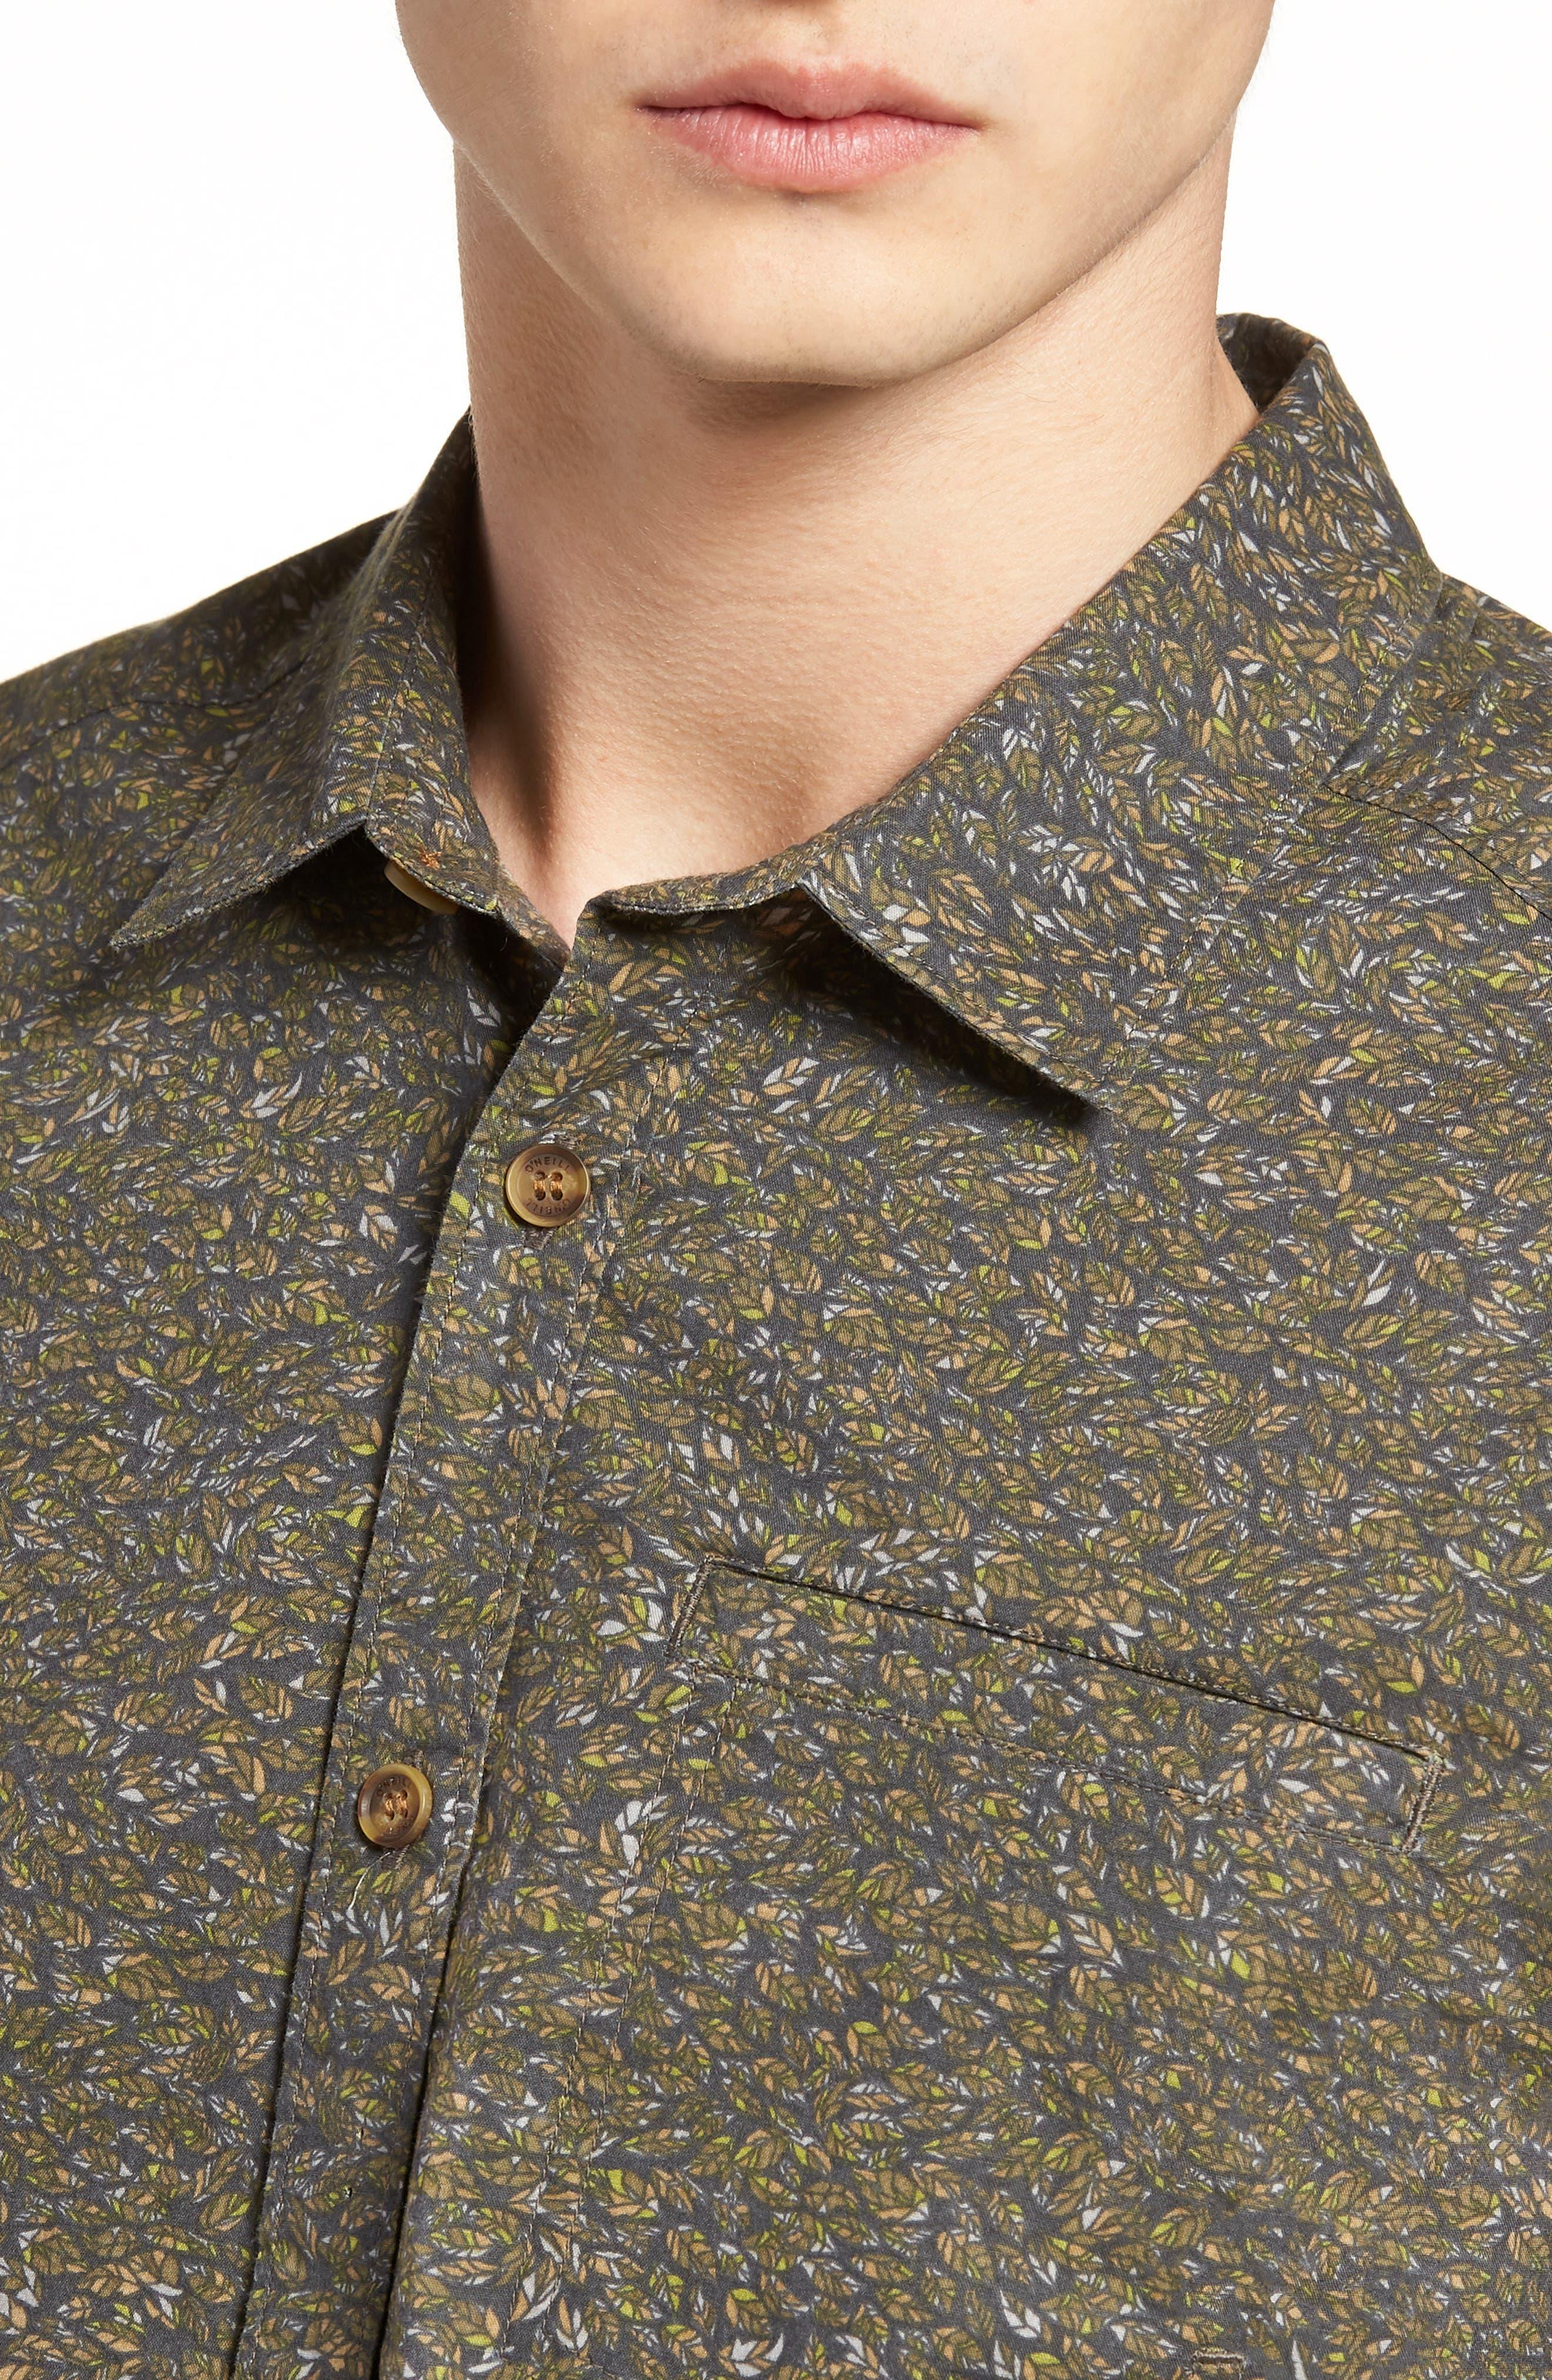 Livingston Short Sleeve Shirt,                             Alternate thumbnail 4, color,                             020